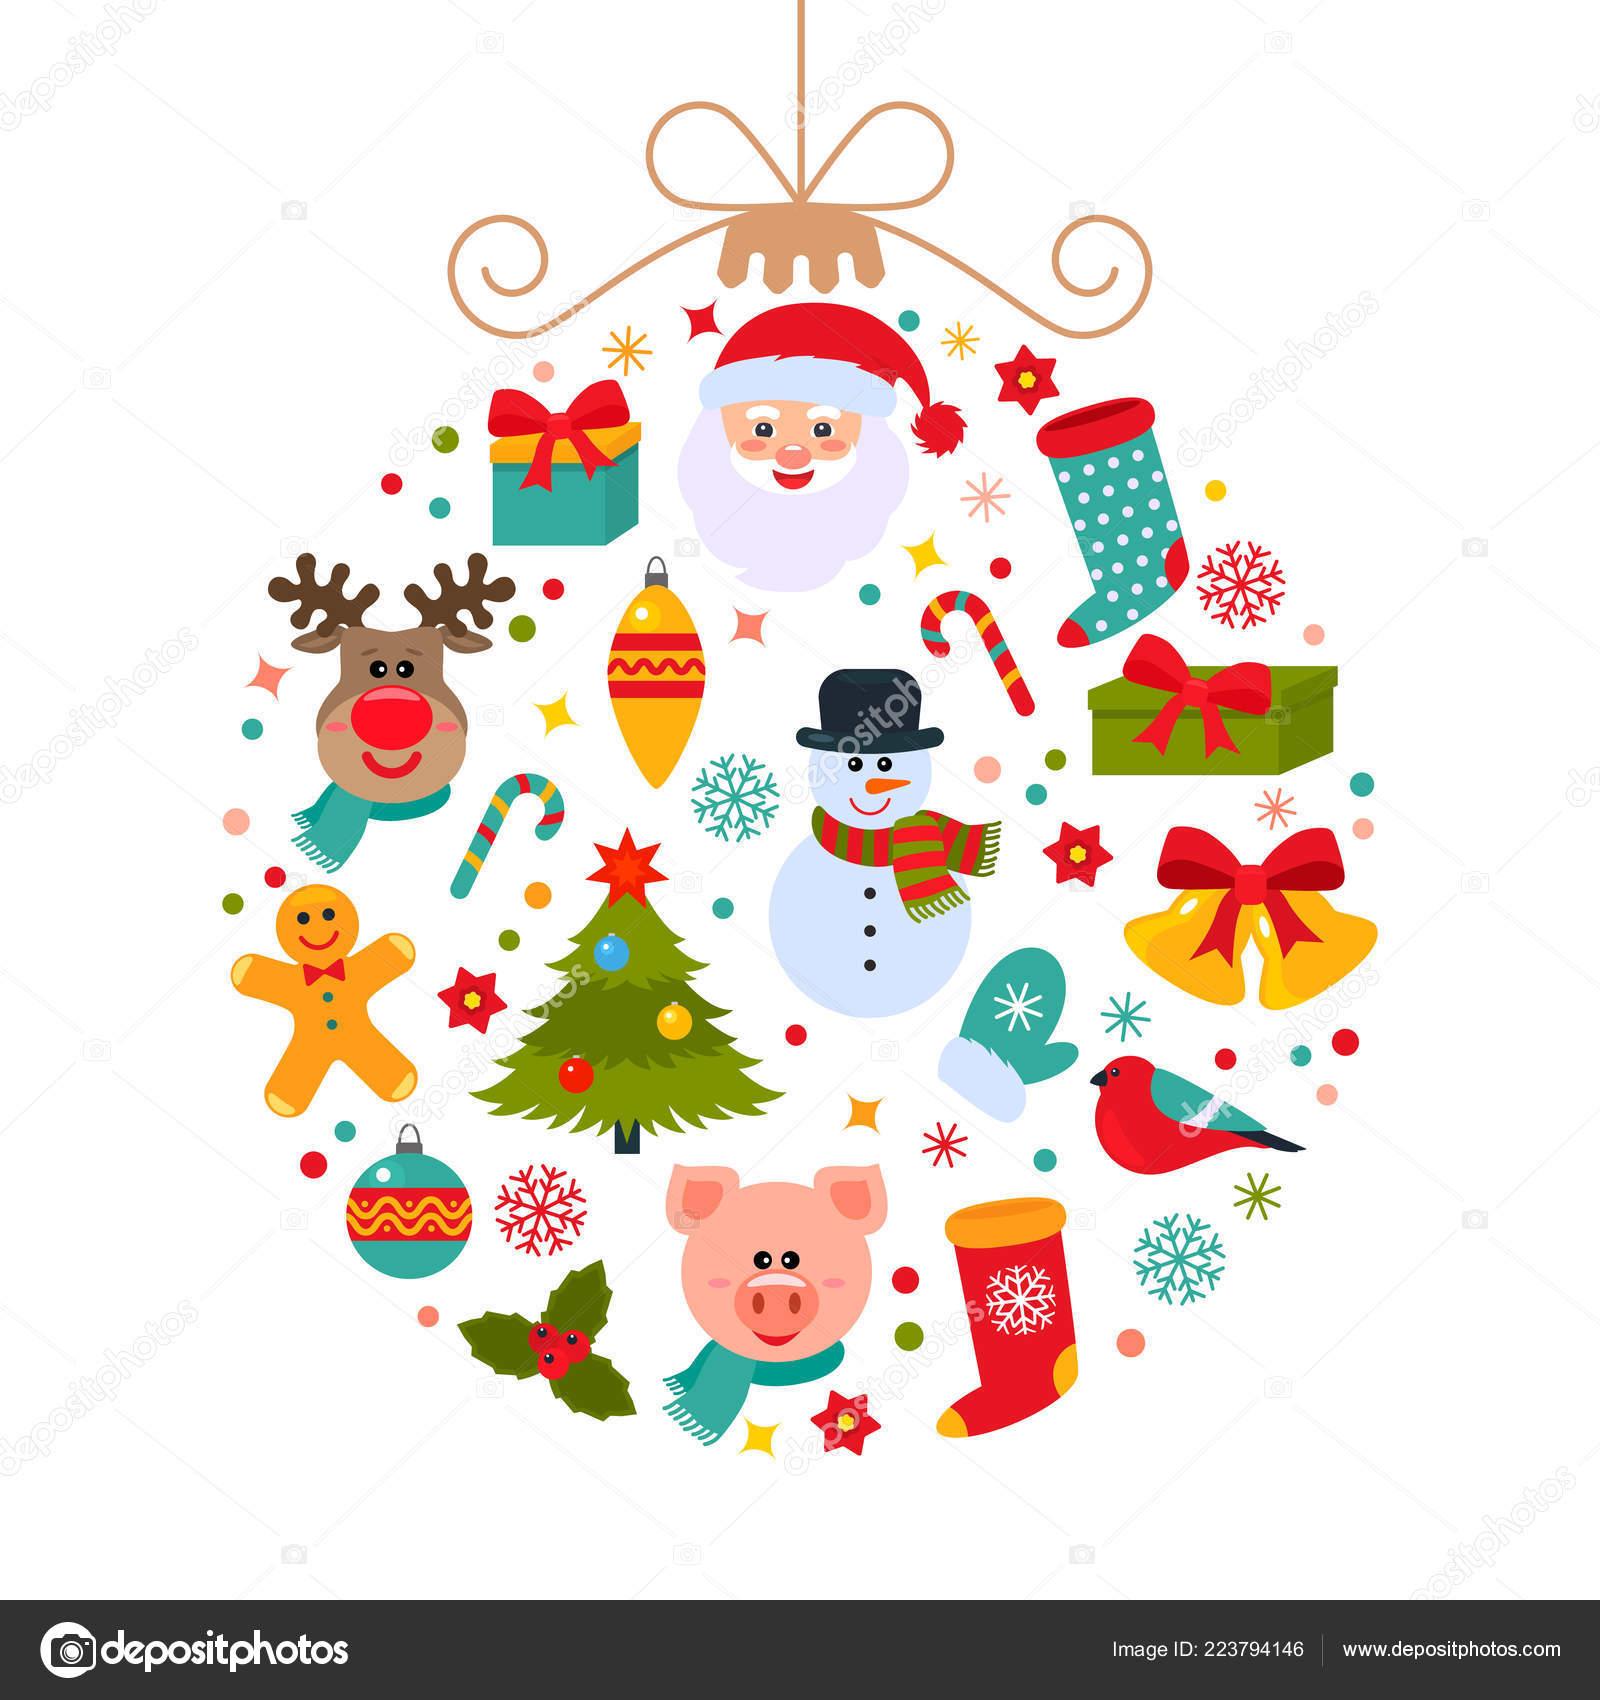 I Simboli Del Natale.Sfera Natale Astratto Con Simboli Del Natale Babbo Natale